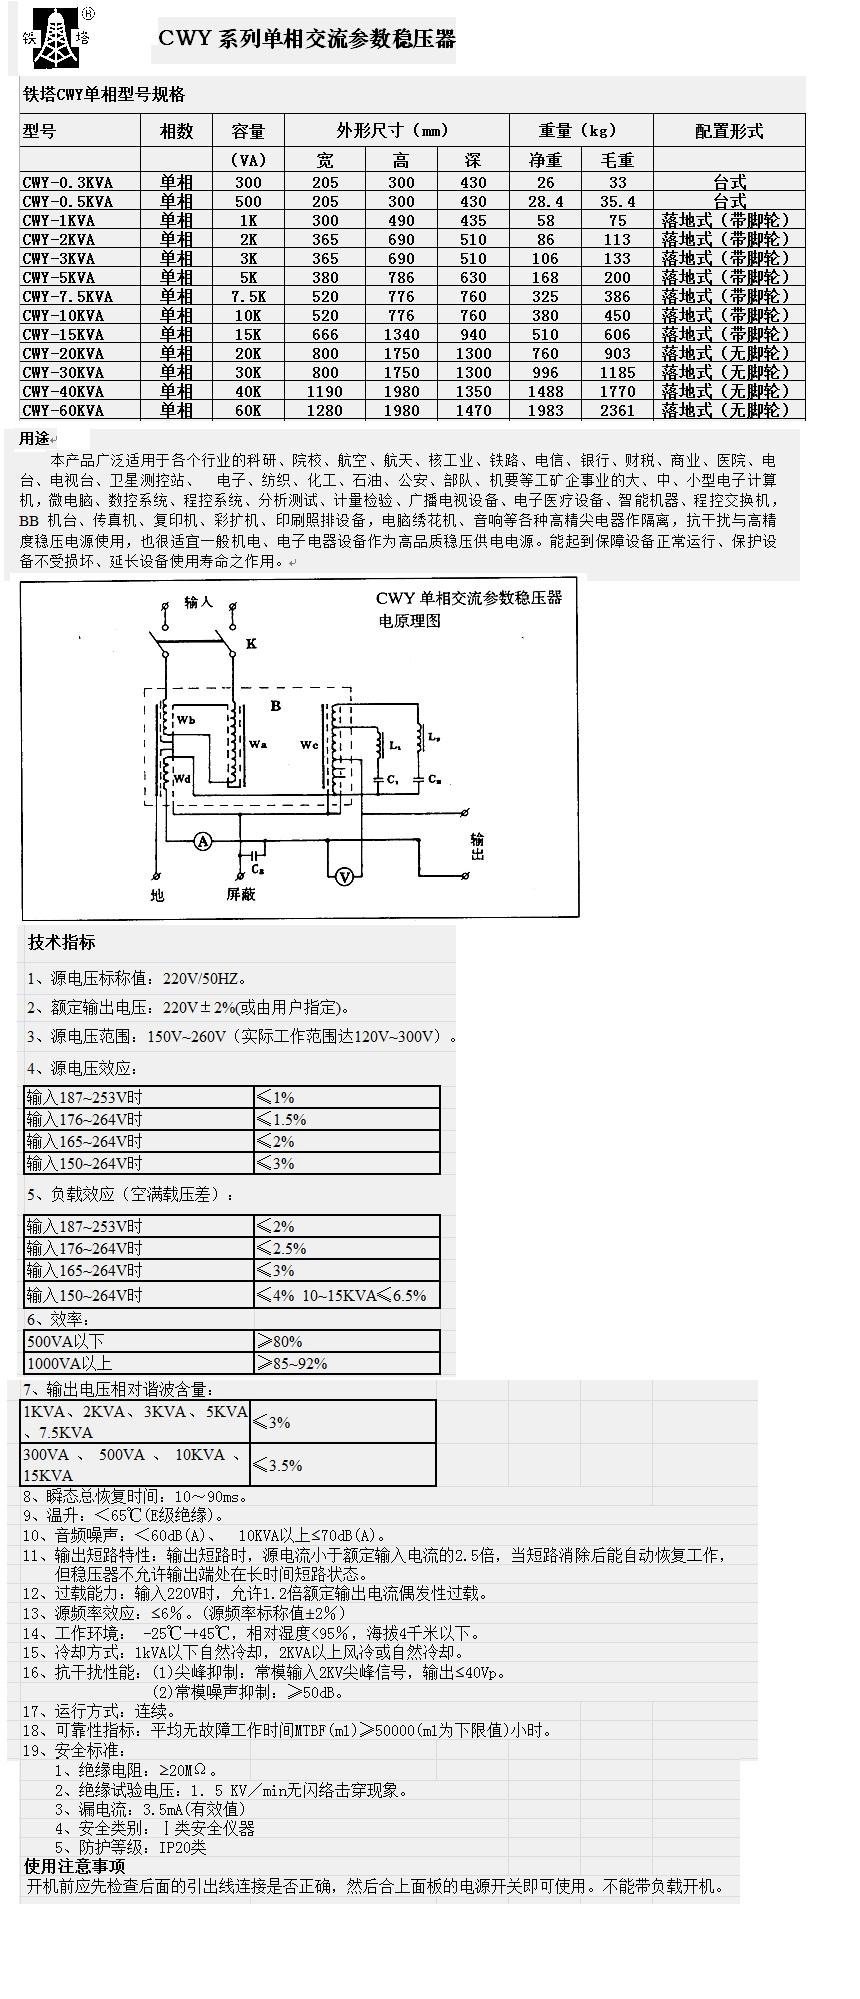 [上一个产品]:铁塔cwys三相交流参数稳压器